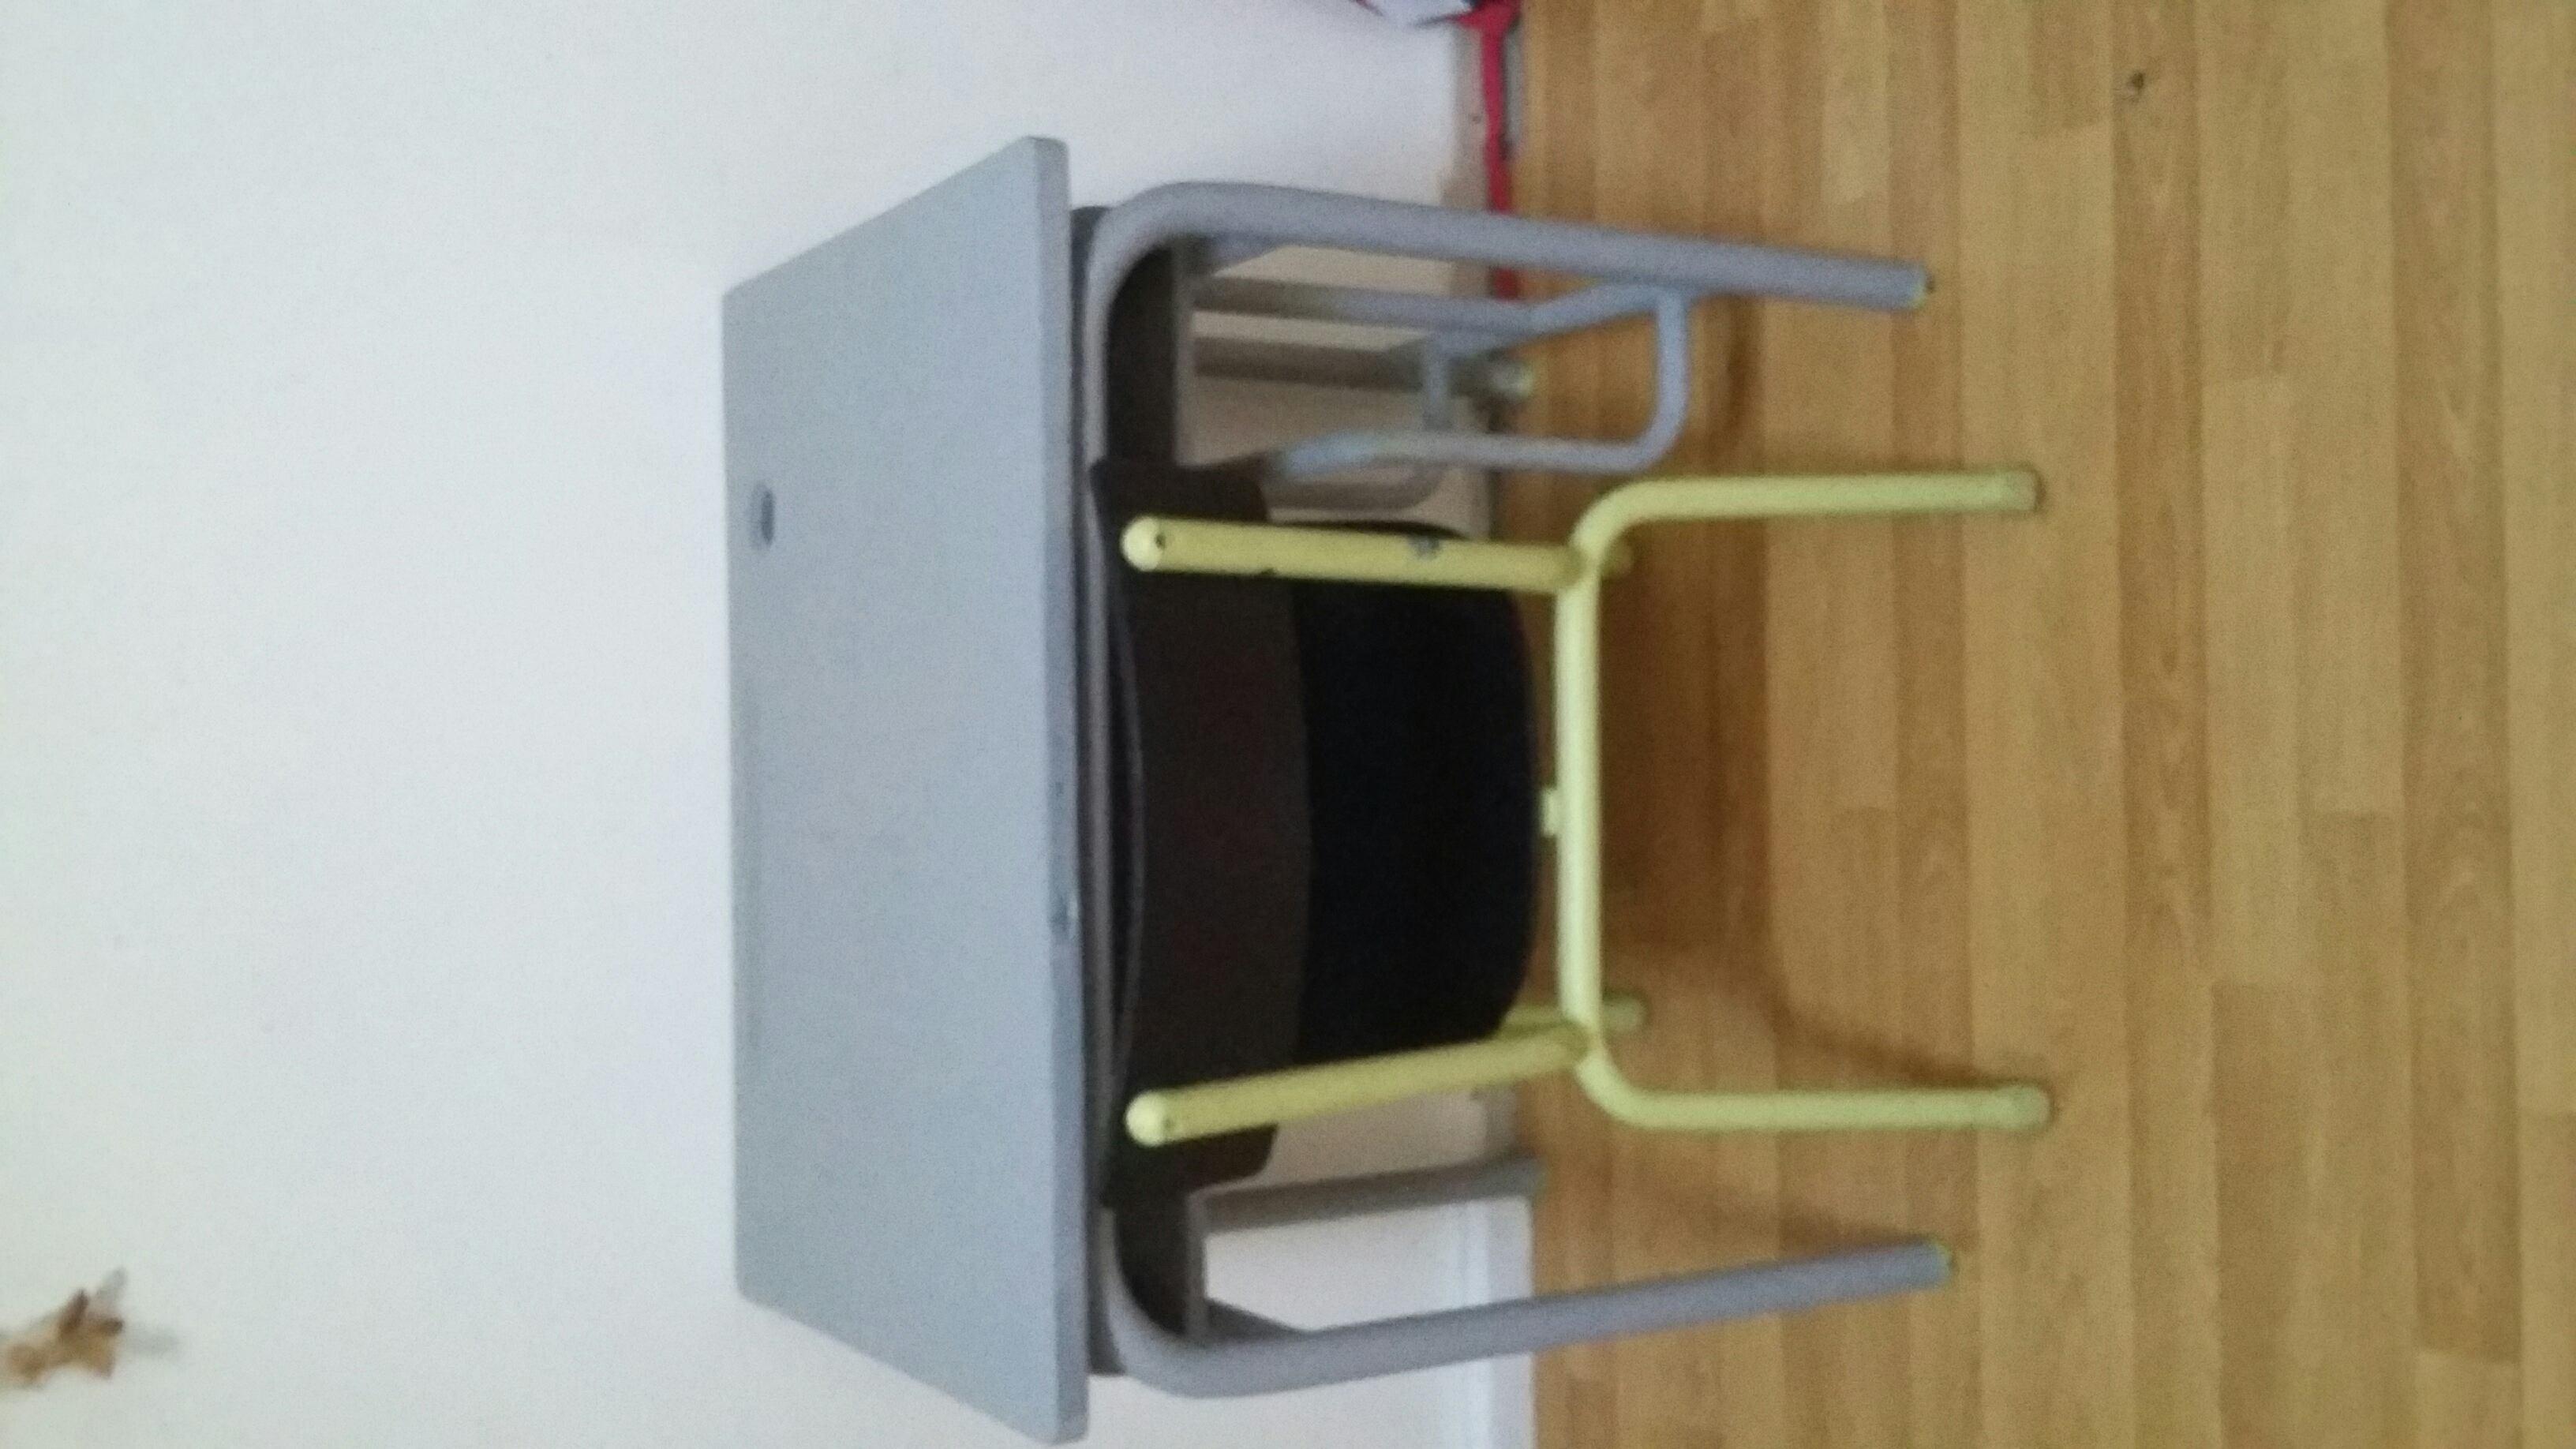 chaises bureau occasion villefranche sur sa ne 69 annonces achat et vente de chaises bureau. Black Bedroom Furniture Sets. Home Design Ideas